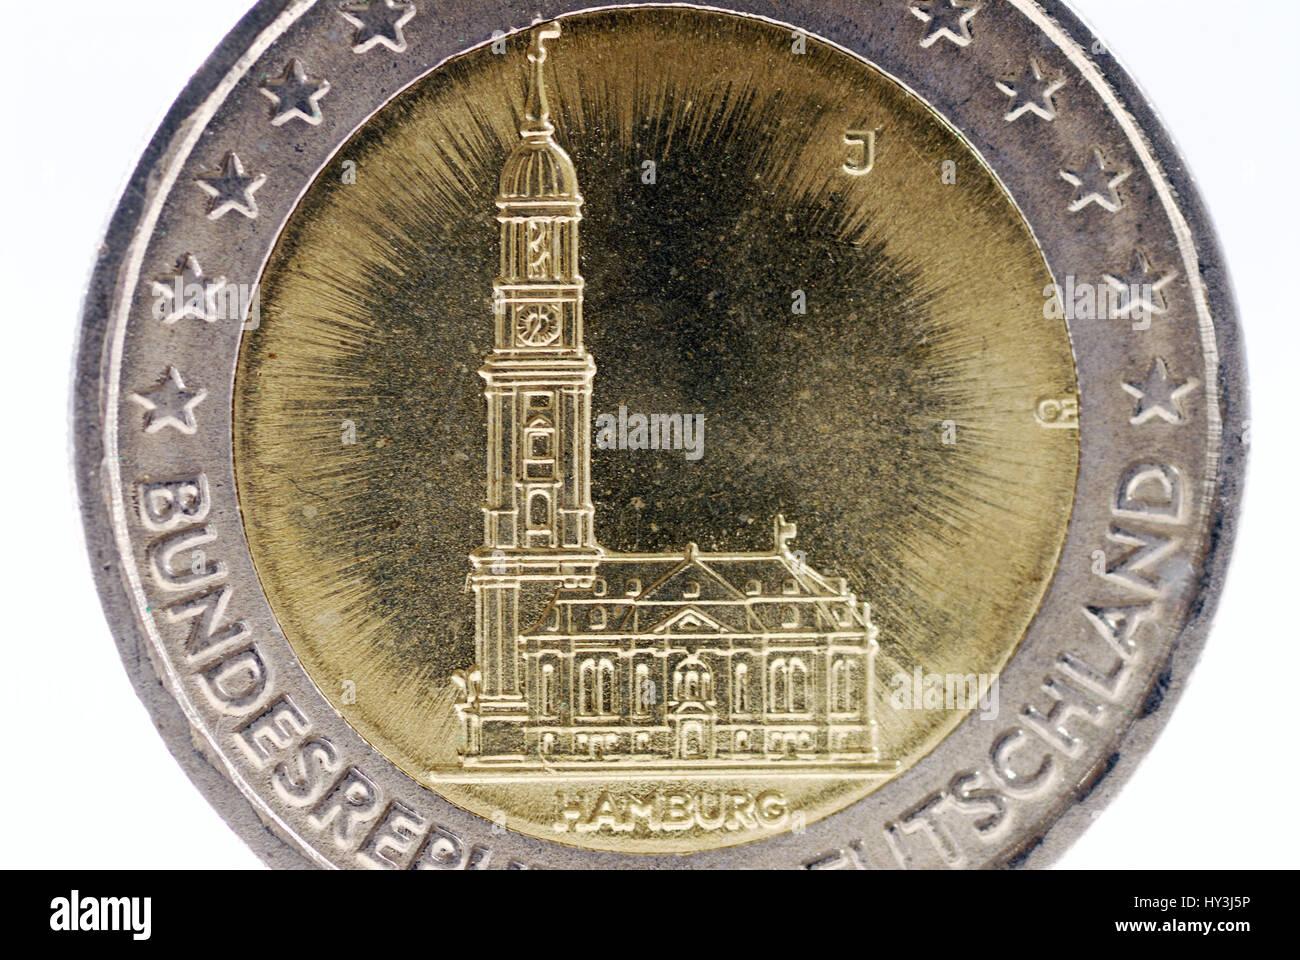 Der Hamburger Michel Auf Der Rückseite Eine Euro Münze Zwei Der